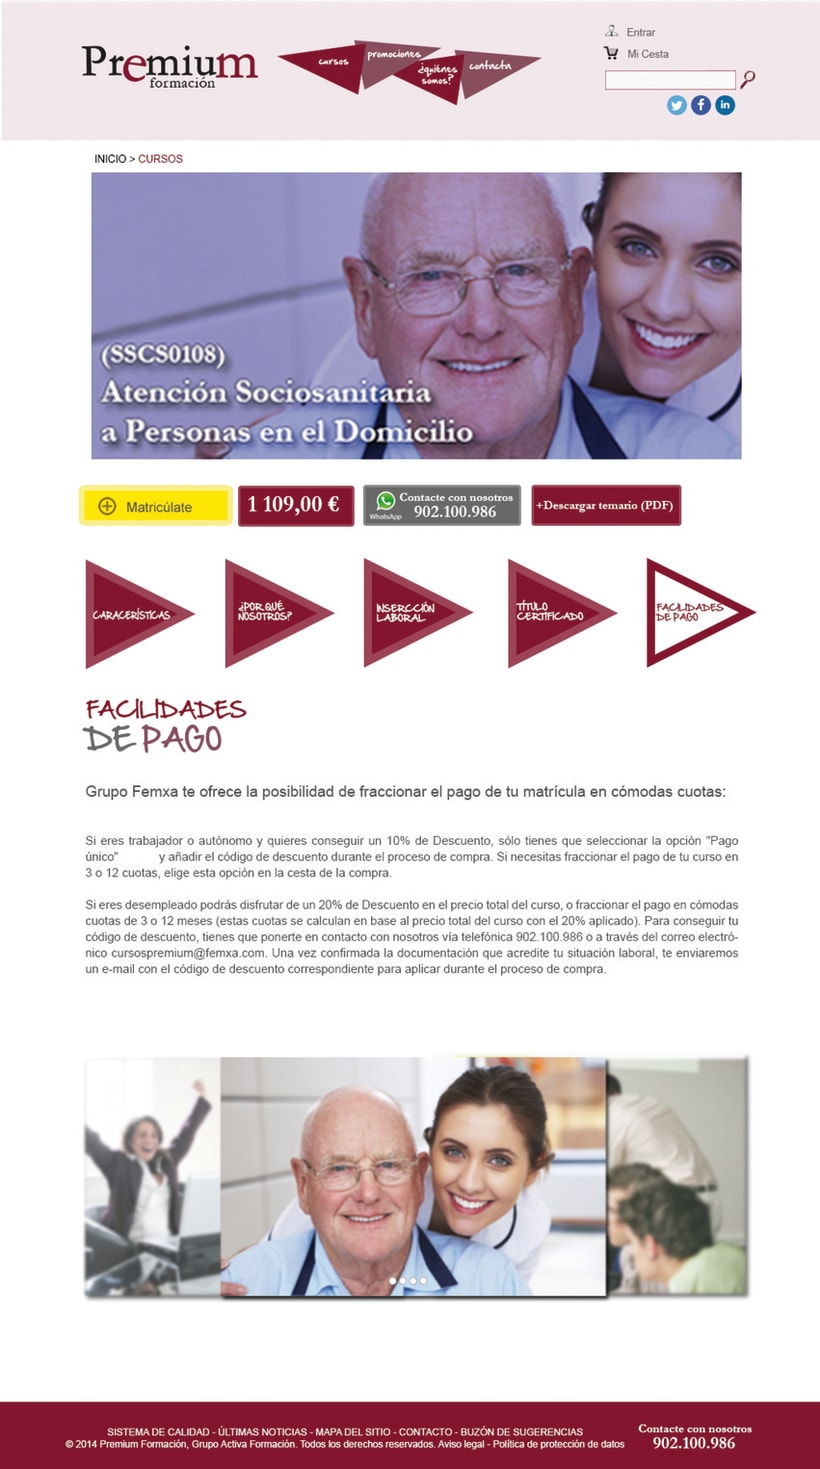 Diseño Web - Premium Formación 2